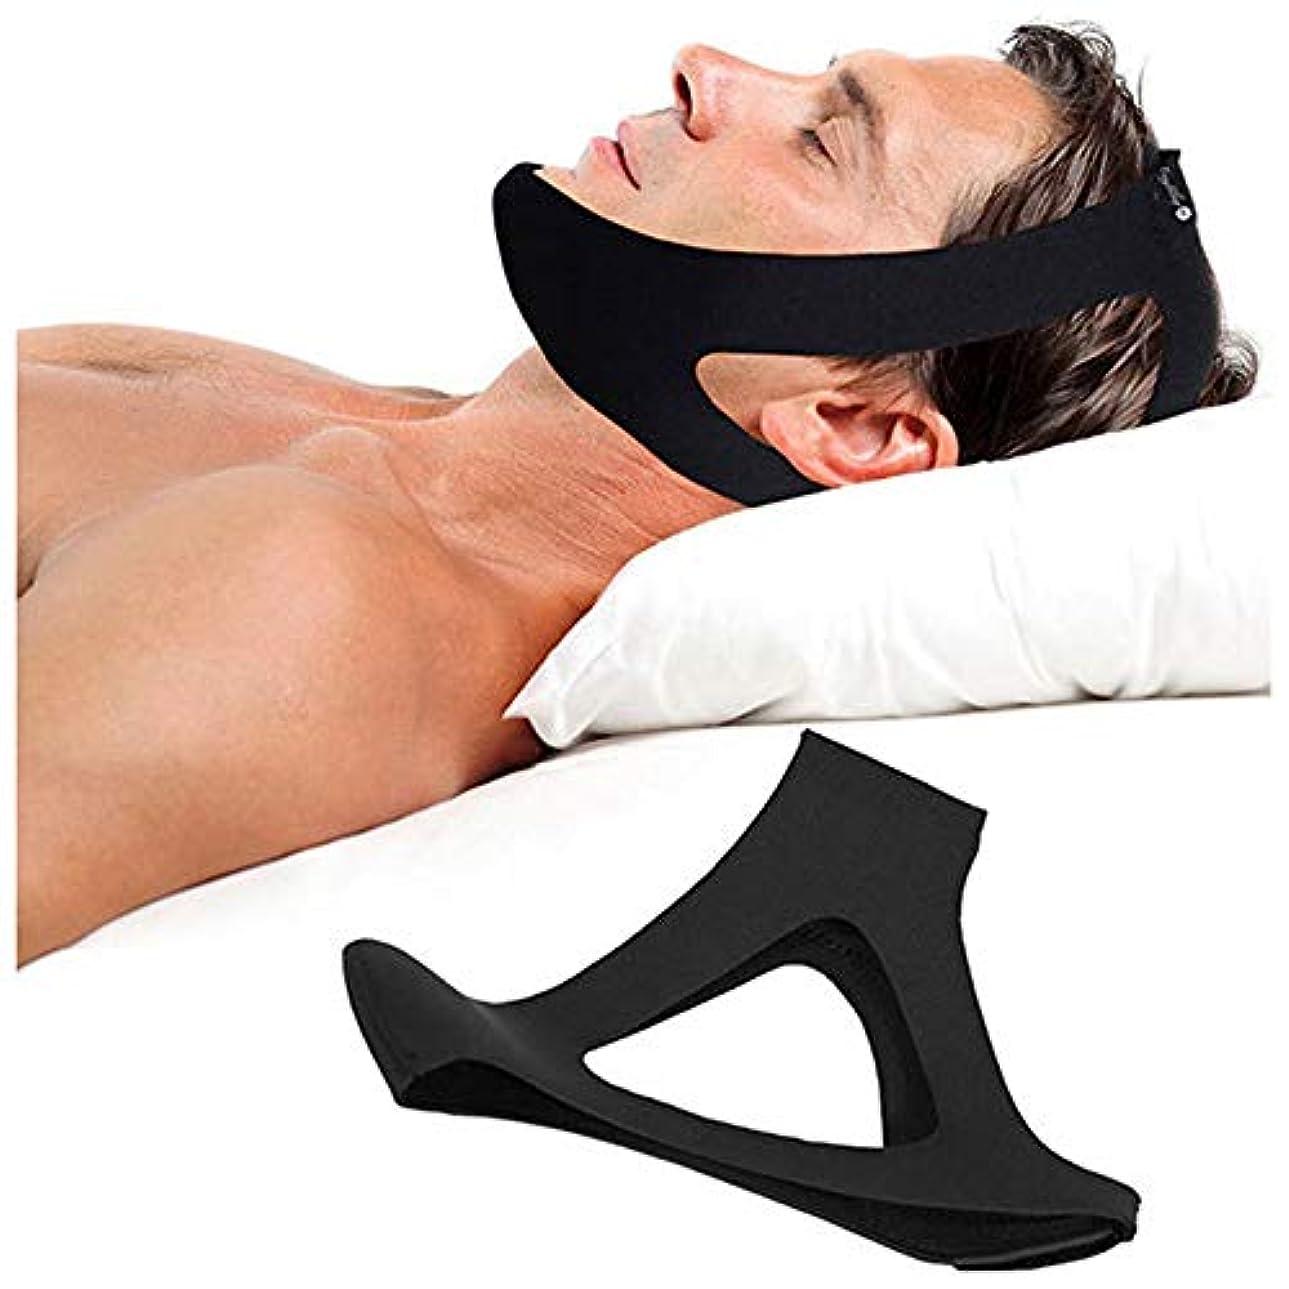 不運リファイン地下室アンチいびきあごストラップ停止いびきいびきベルト睡眠時無呼吸あごサポートストラップ女性男性ナイト睡眠補助ツールフェイスリフトツール,A